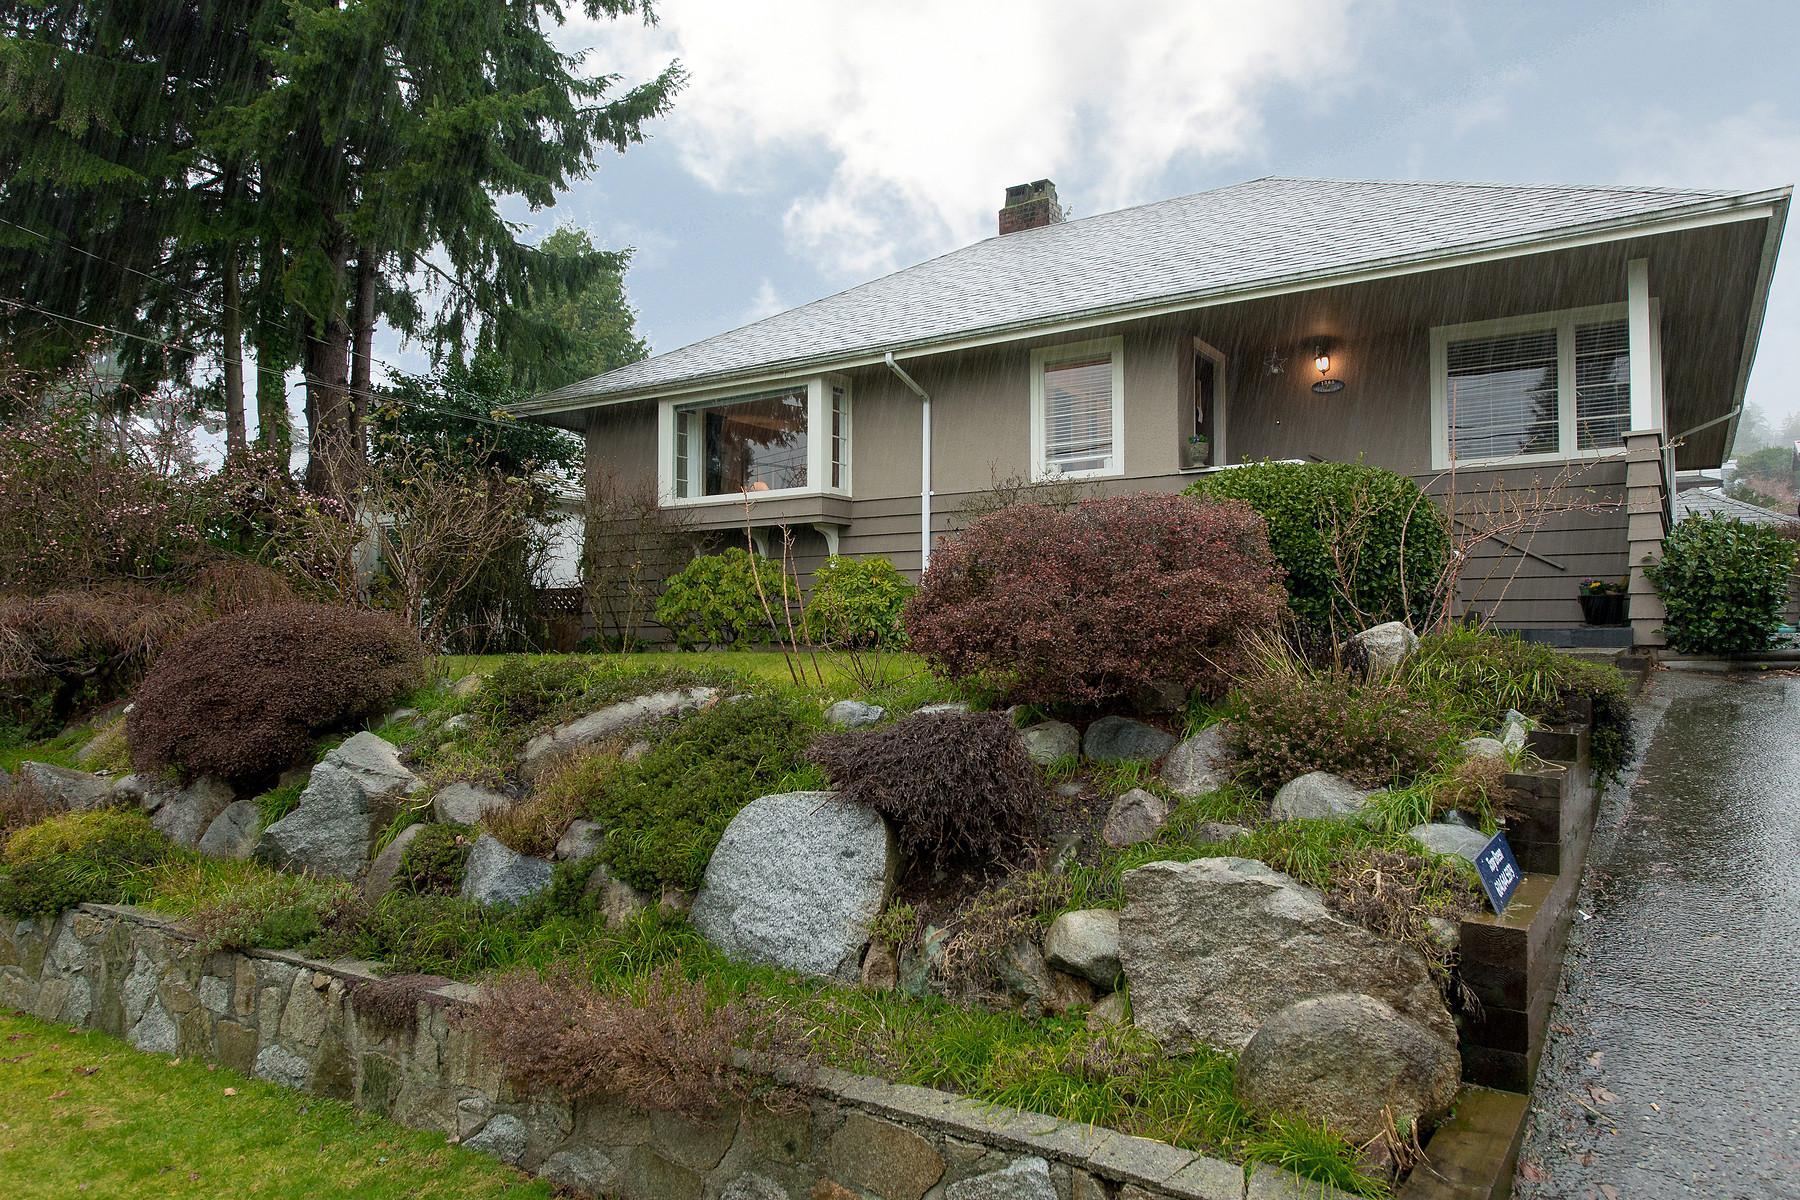 Maison unifamiliale pour l Vente à Fulton Avenue Home 1365 Fulton Ave West Vancouver, Colombie-Britannique V7T 1N9 Canada